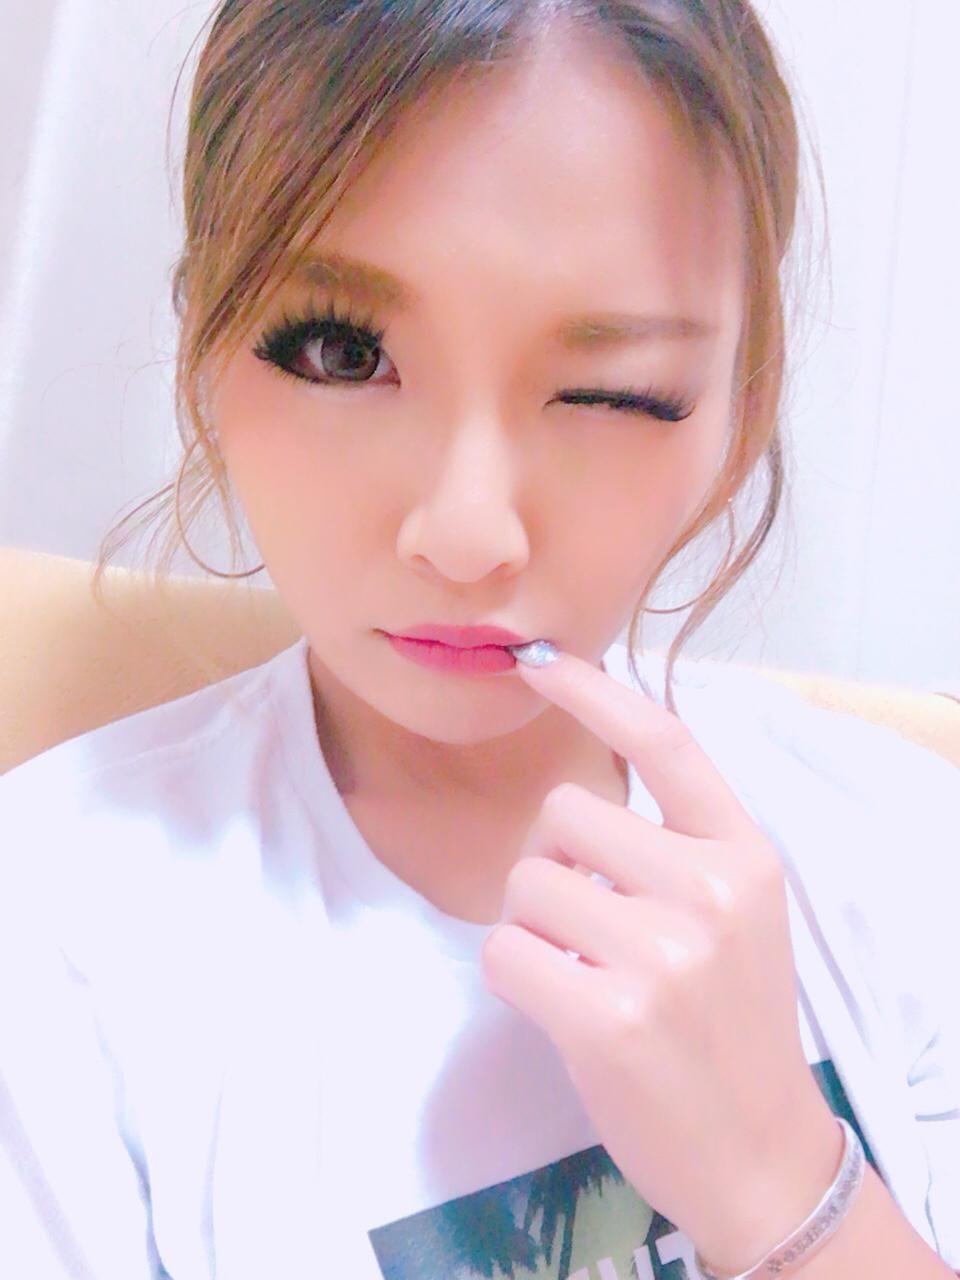 「つめー」11/14(水) 01:50 | LOIの写メ・風俗動画